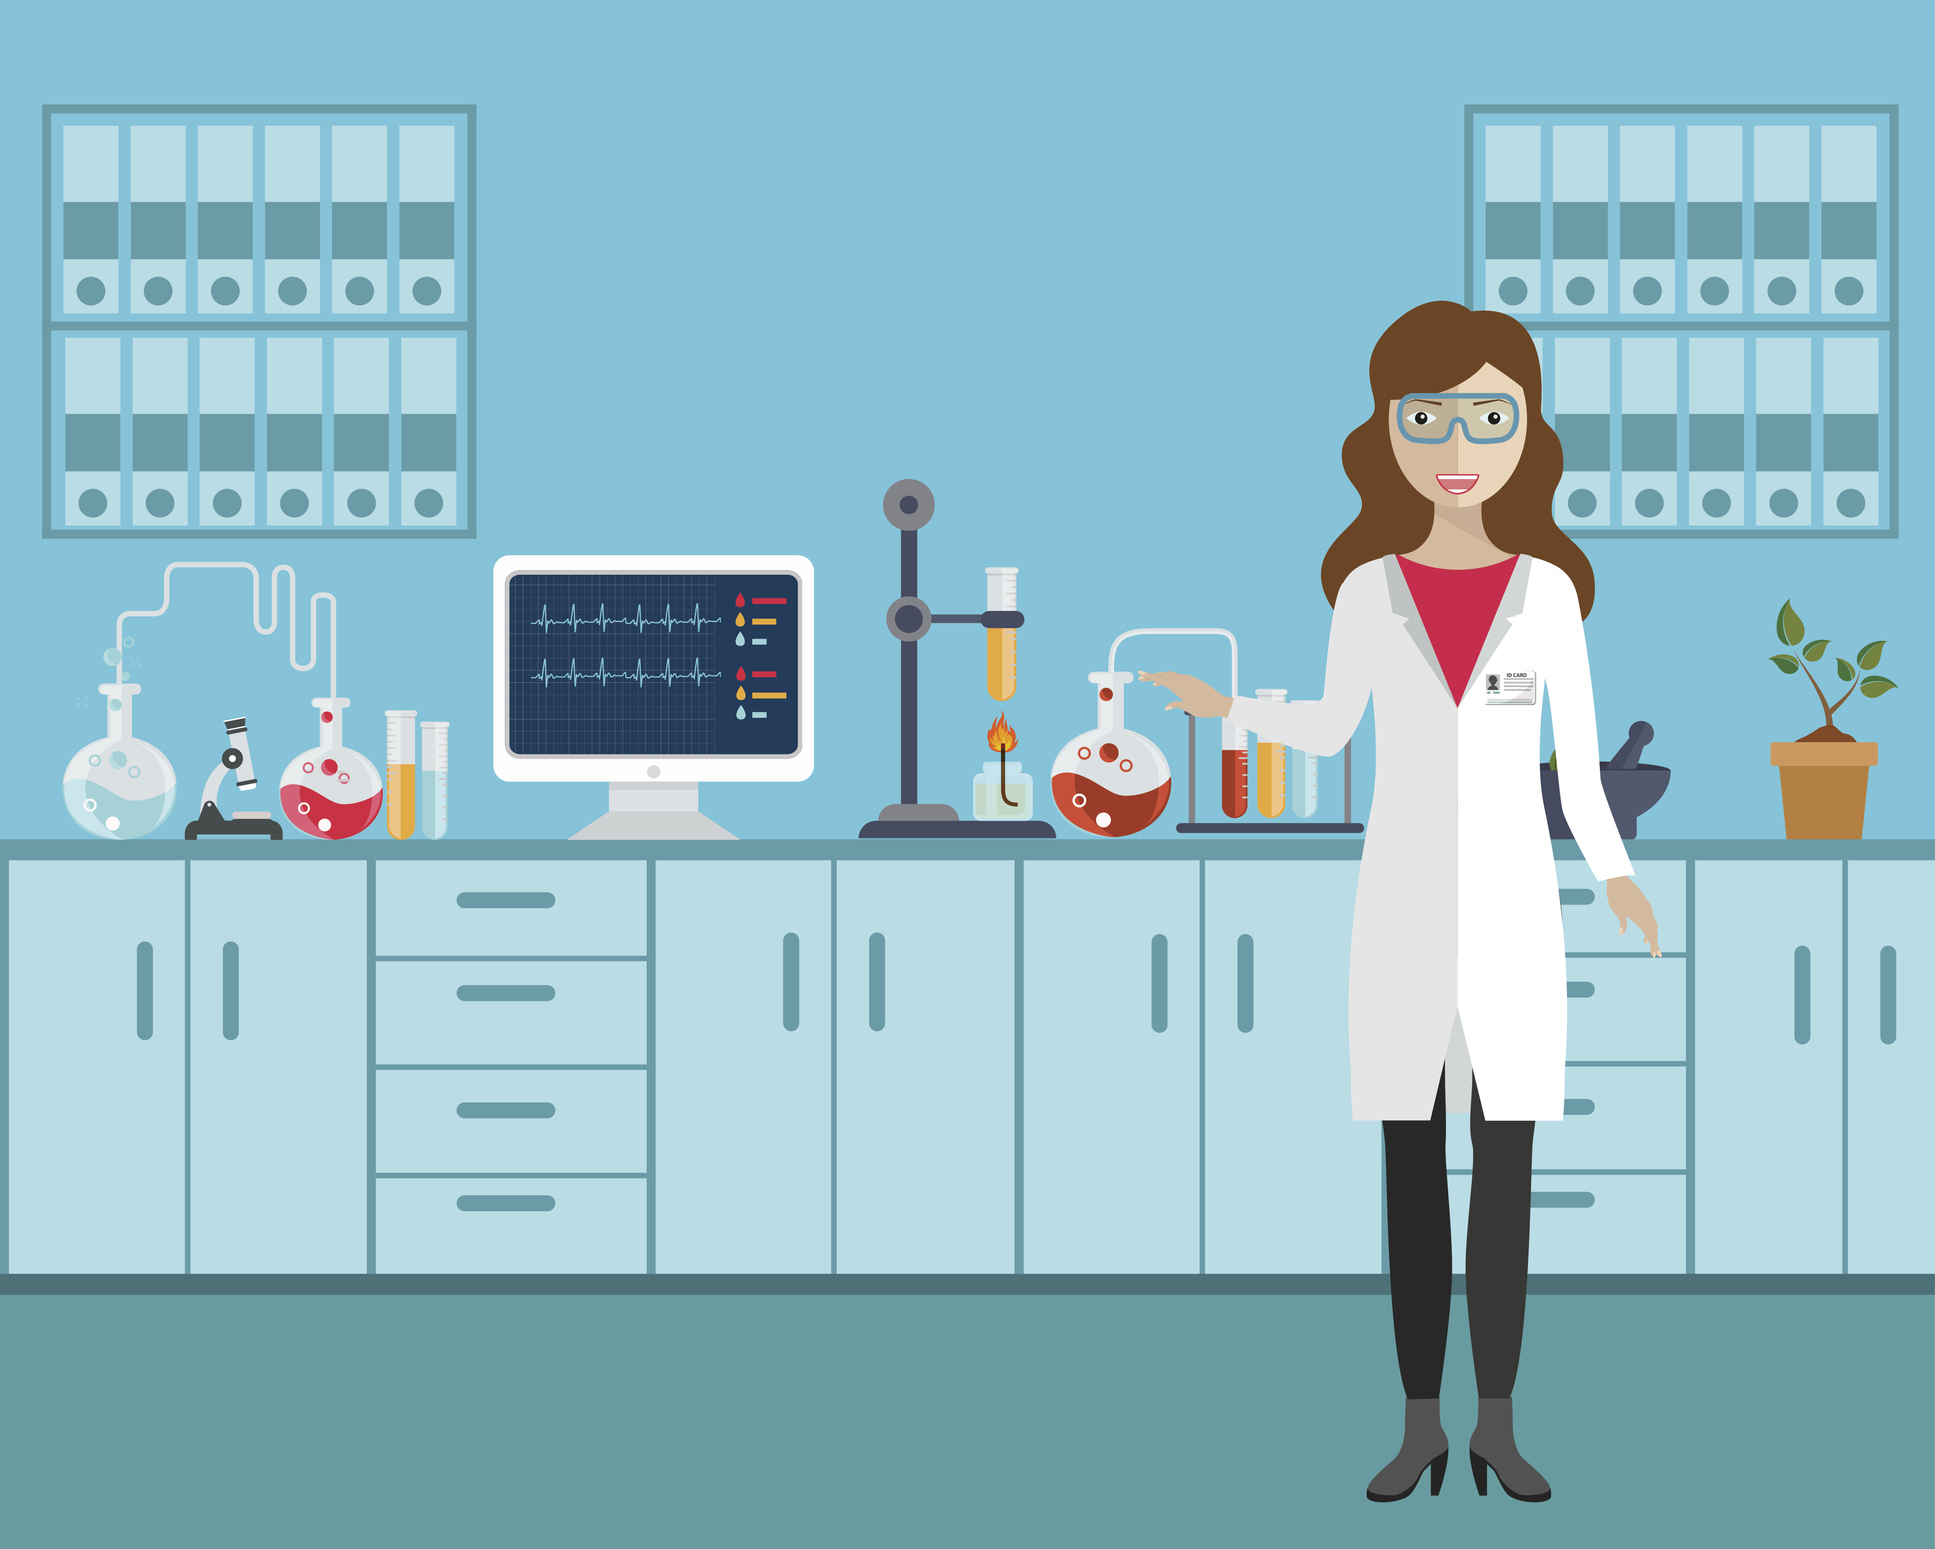 نساء عربيات في اليوم الدولي للمرأة في العلوم